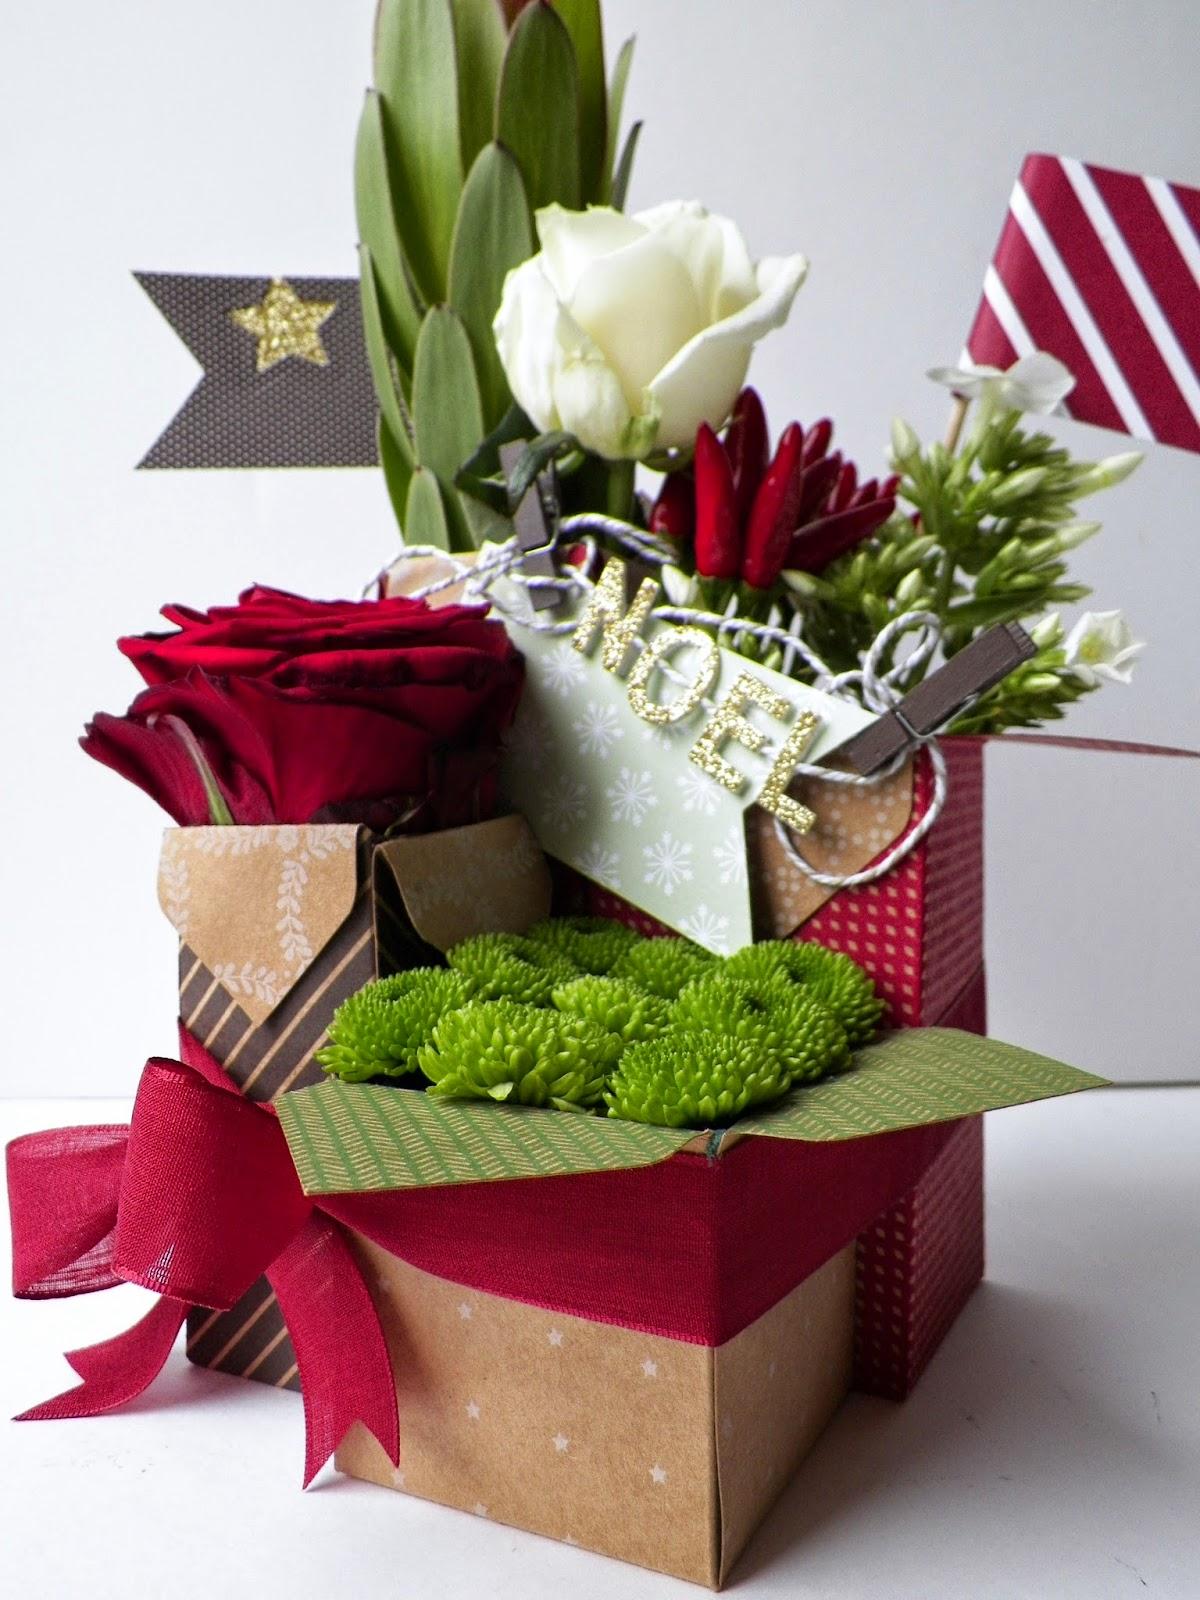 Stamp 2 linotte insta 39 boite composition florale for Bouquet de fleurs dans une boite